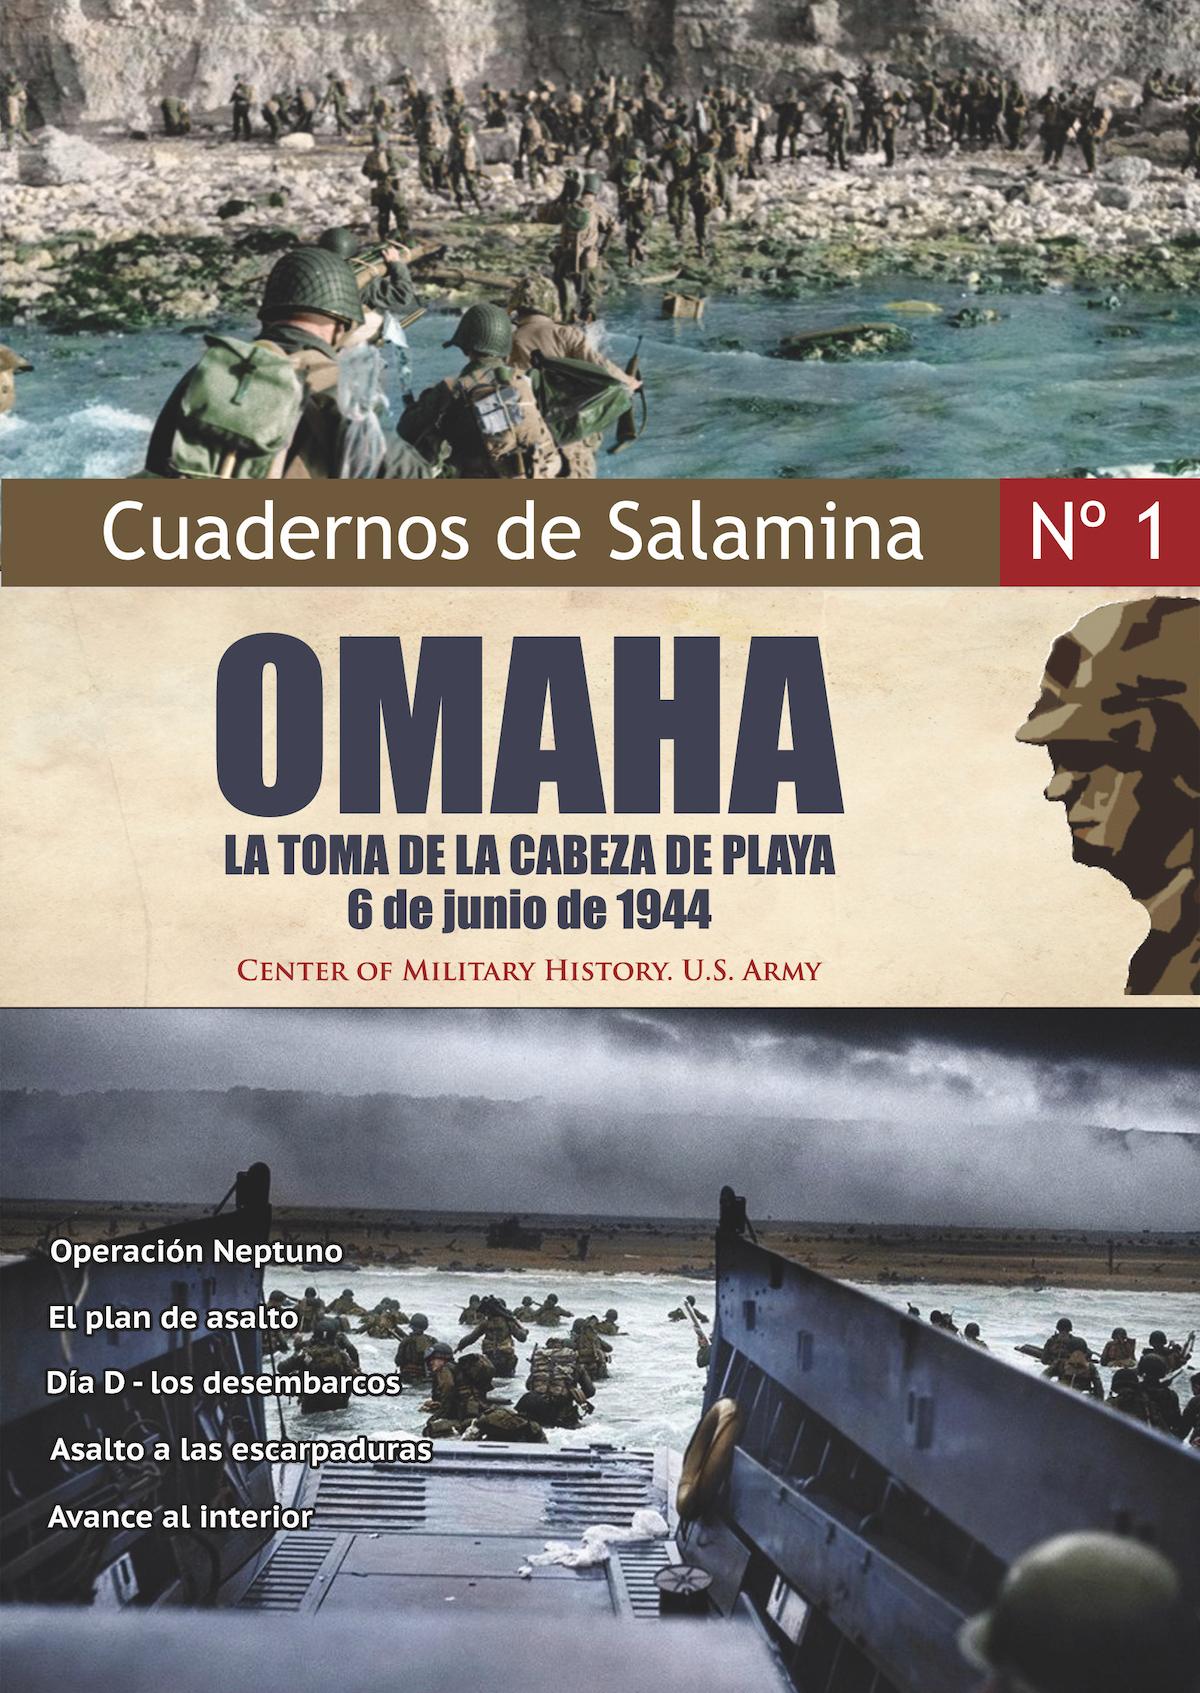 cuaderno_omaha_salamina